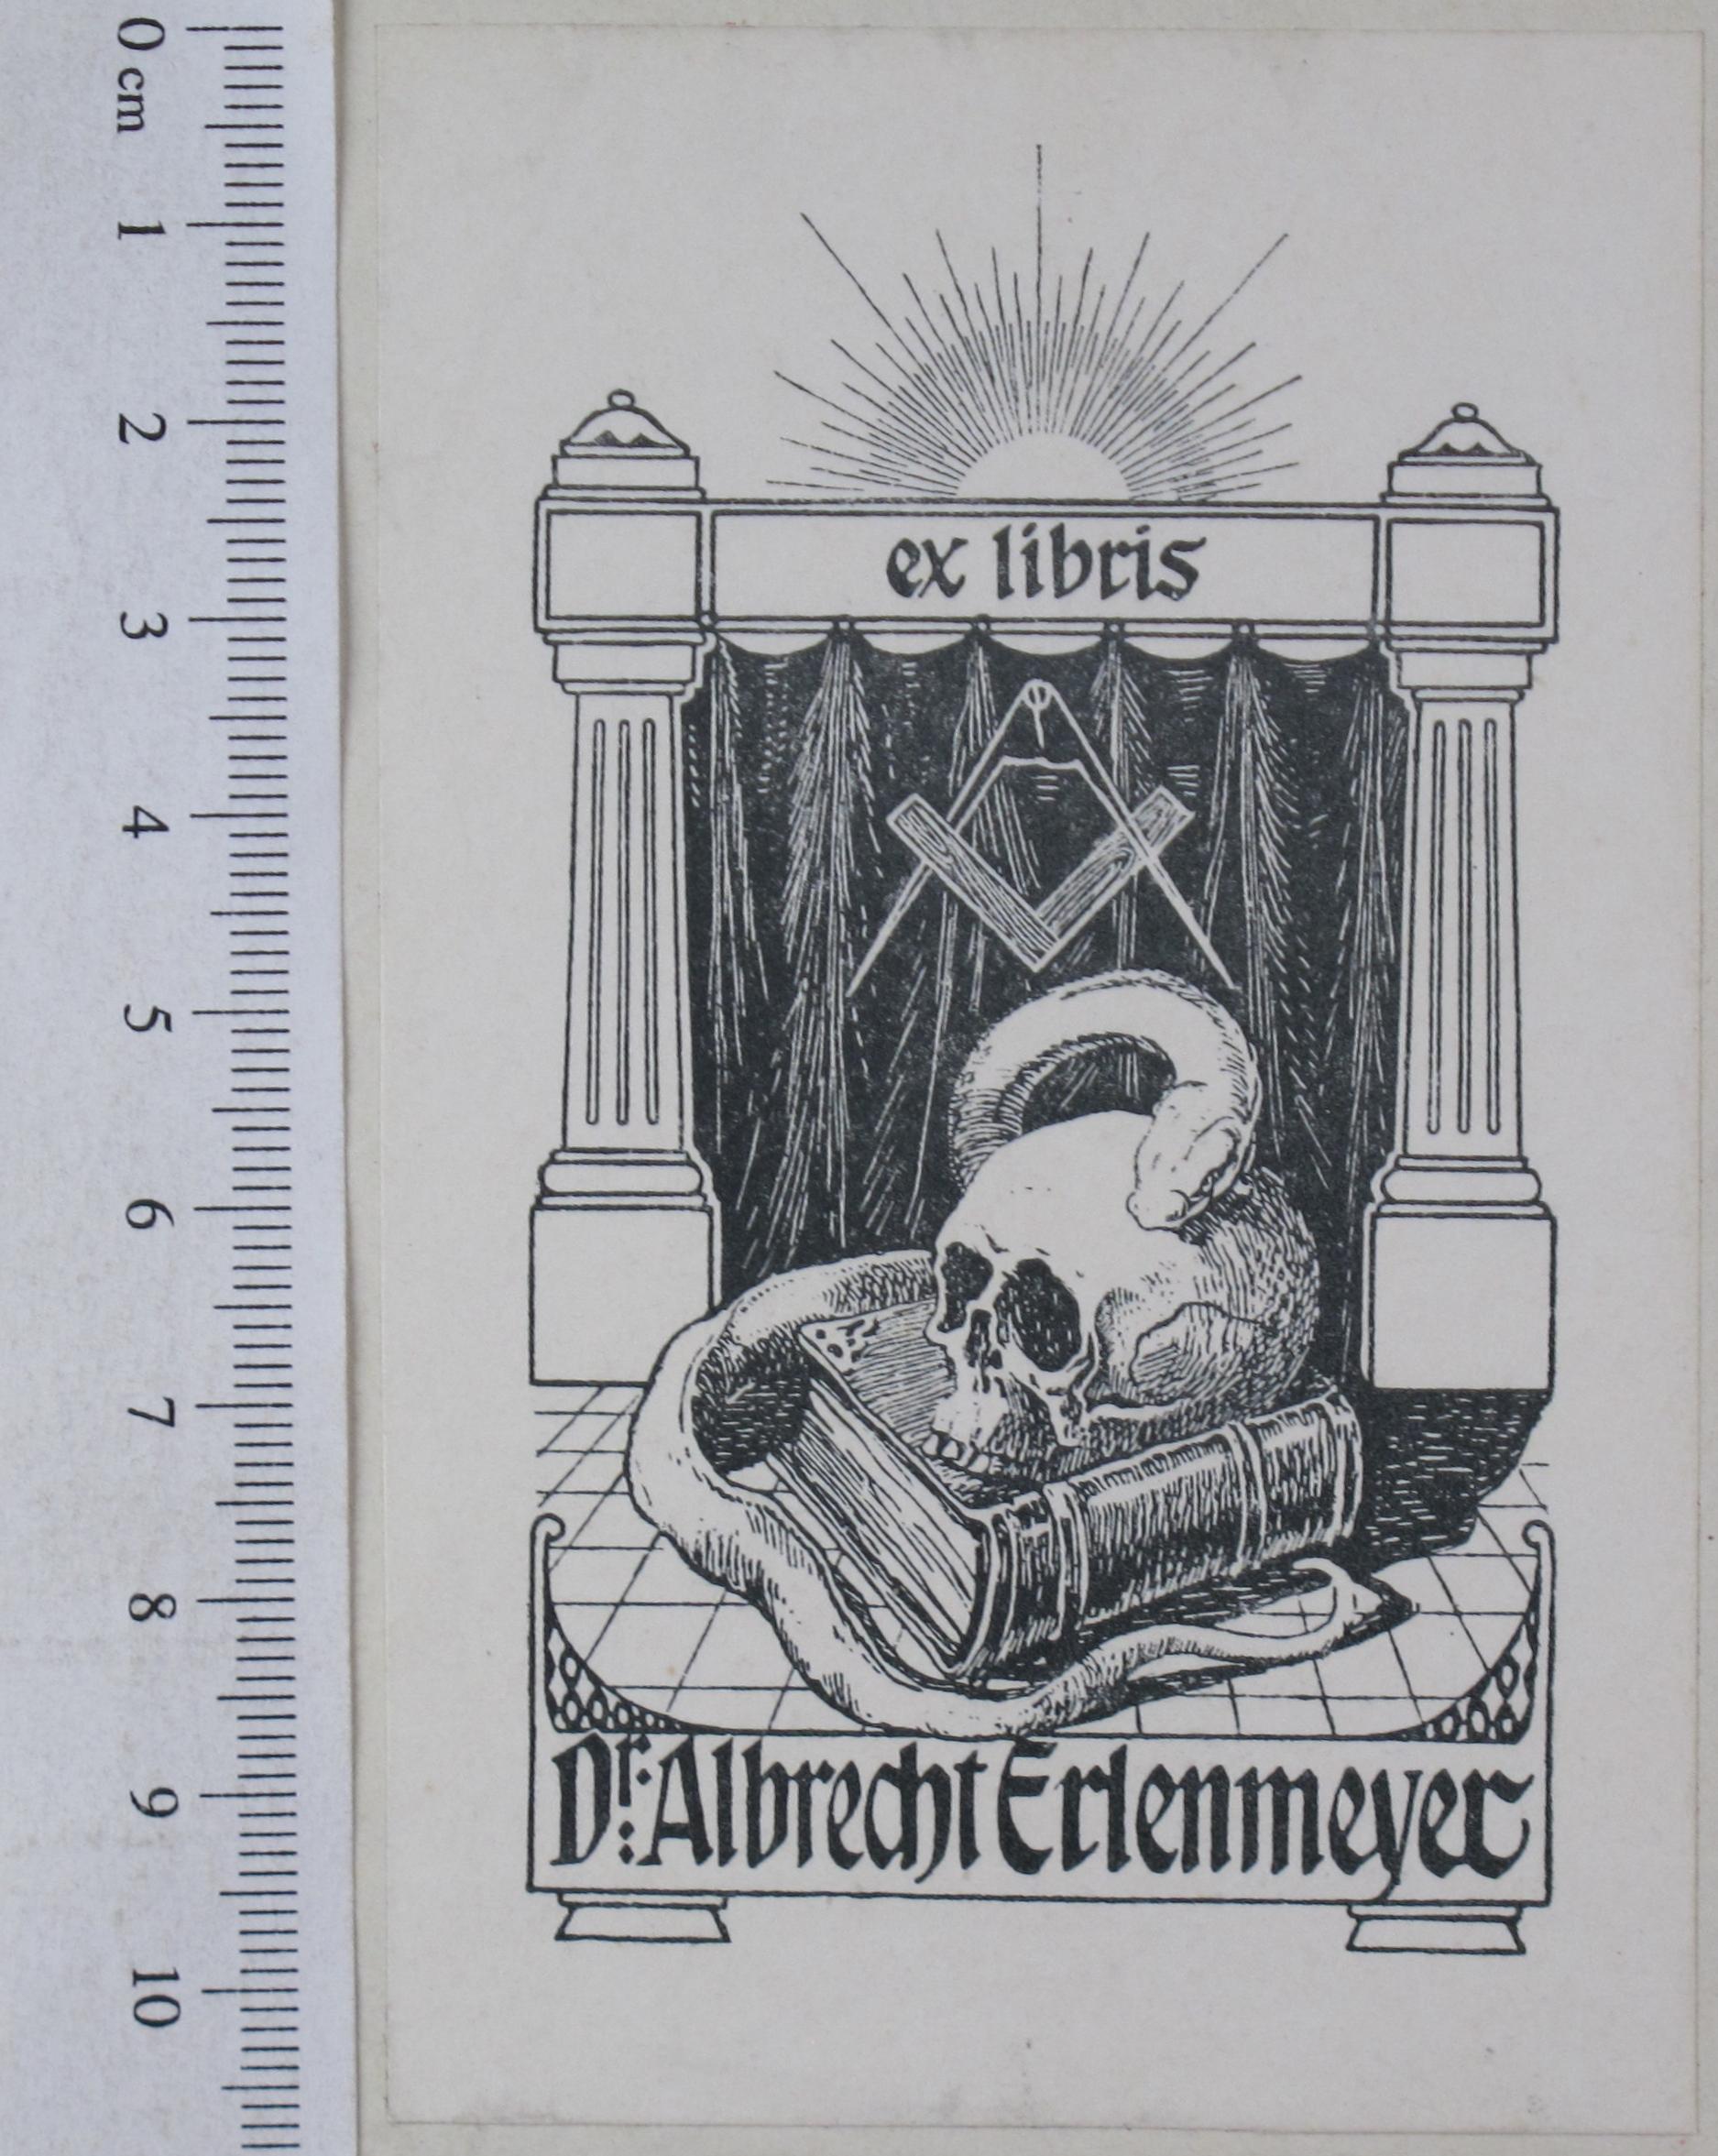 Exlibris (Photo von Thomas Rose, Staatsbibliothek zu Berlin)